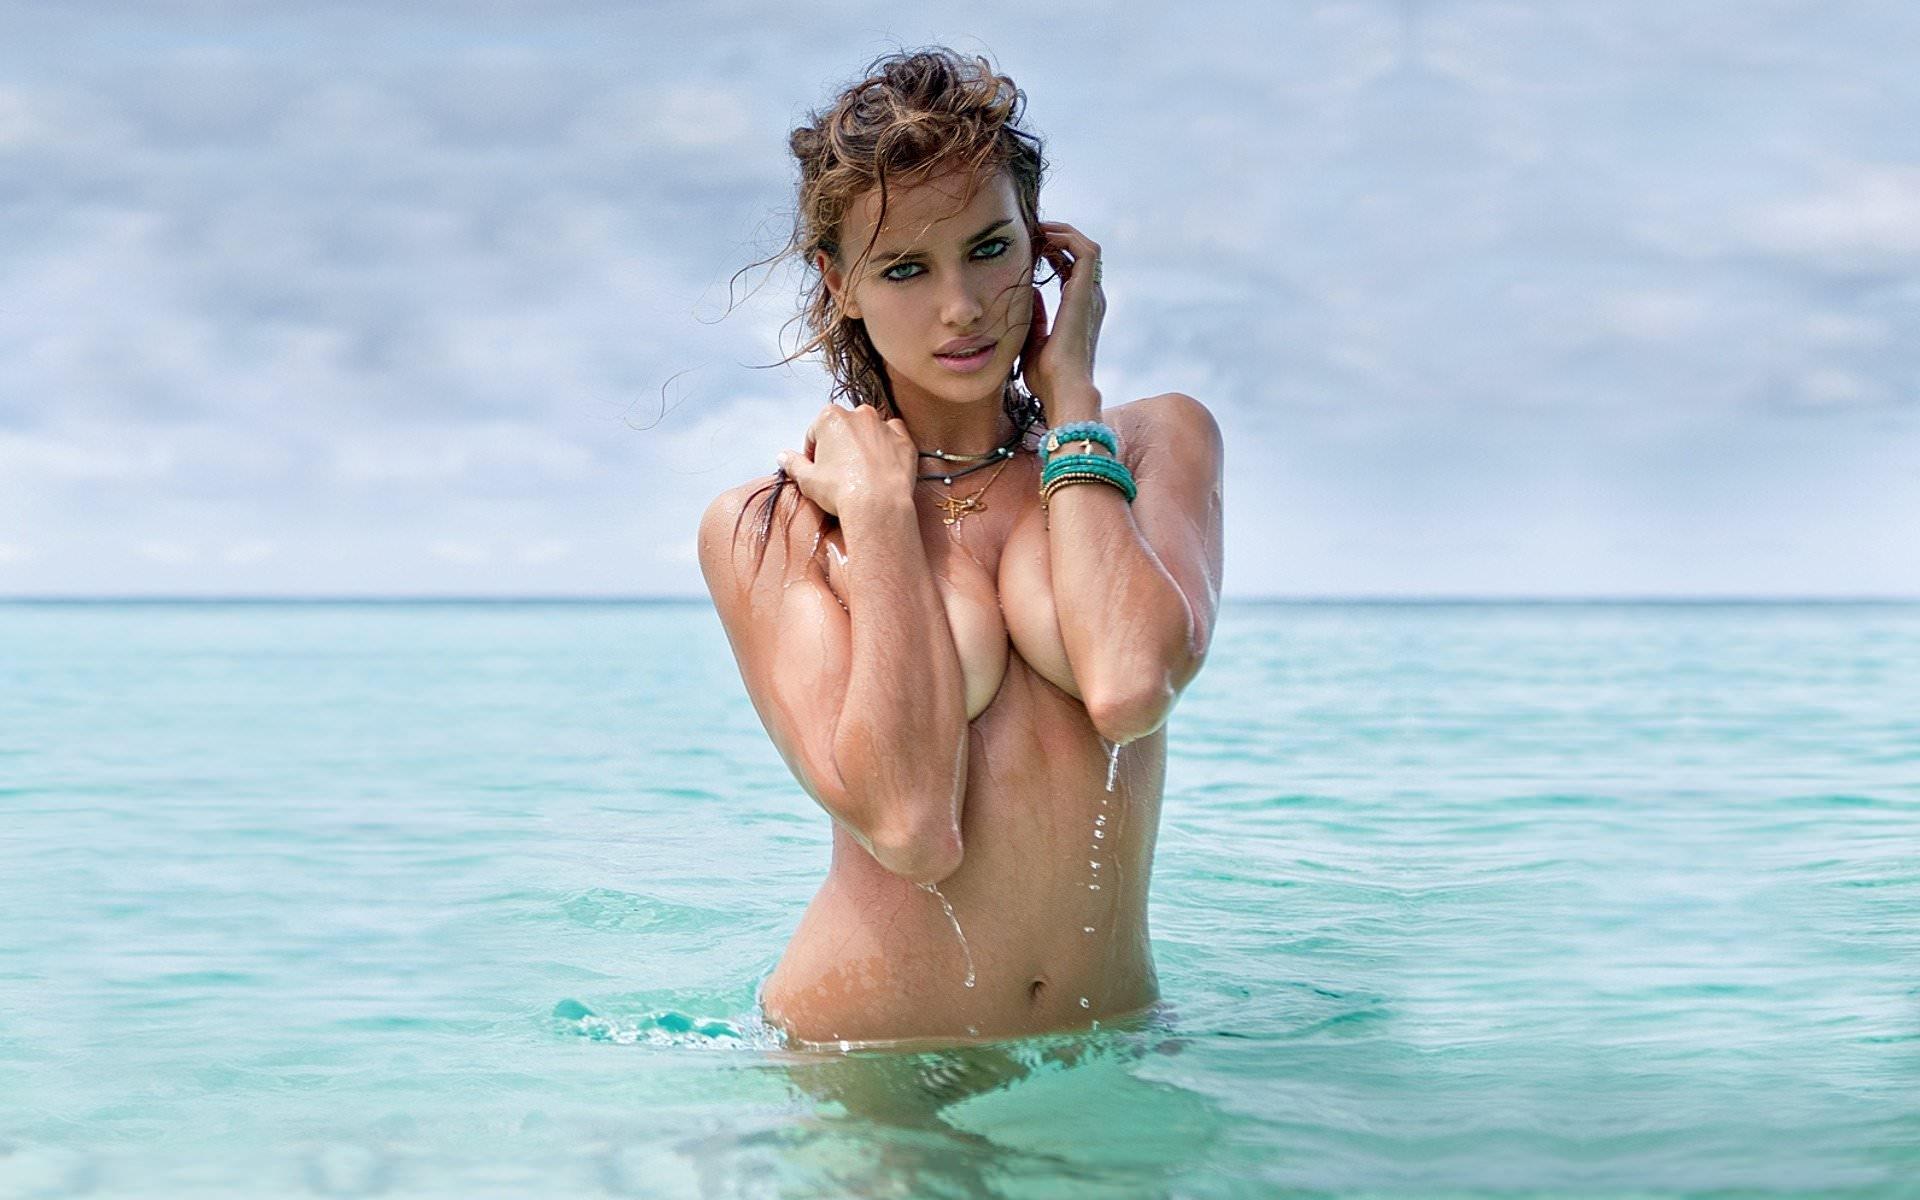 Море И Обнаженные Девушки Фото